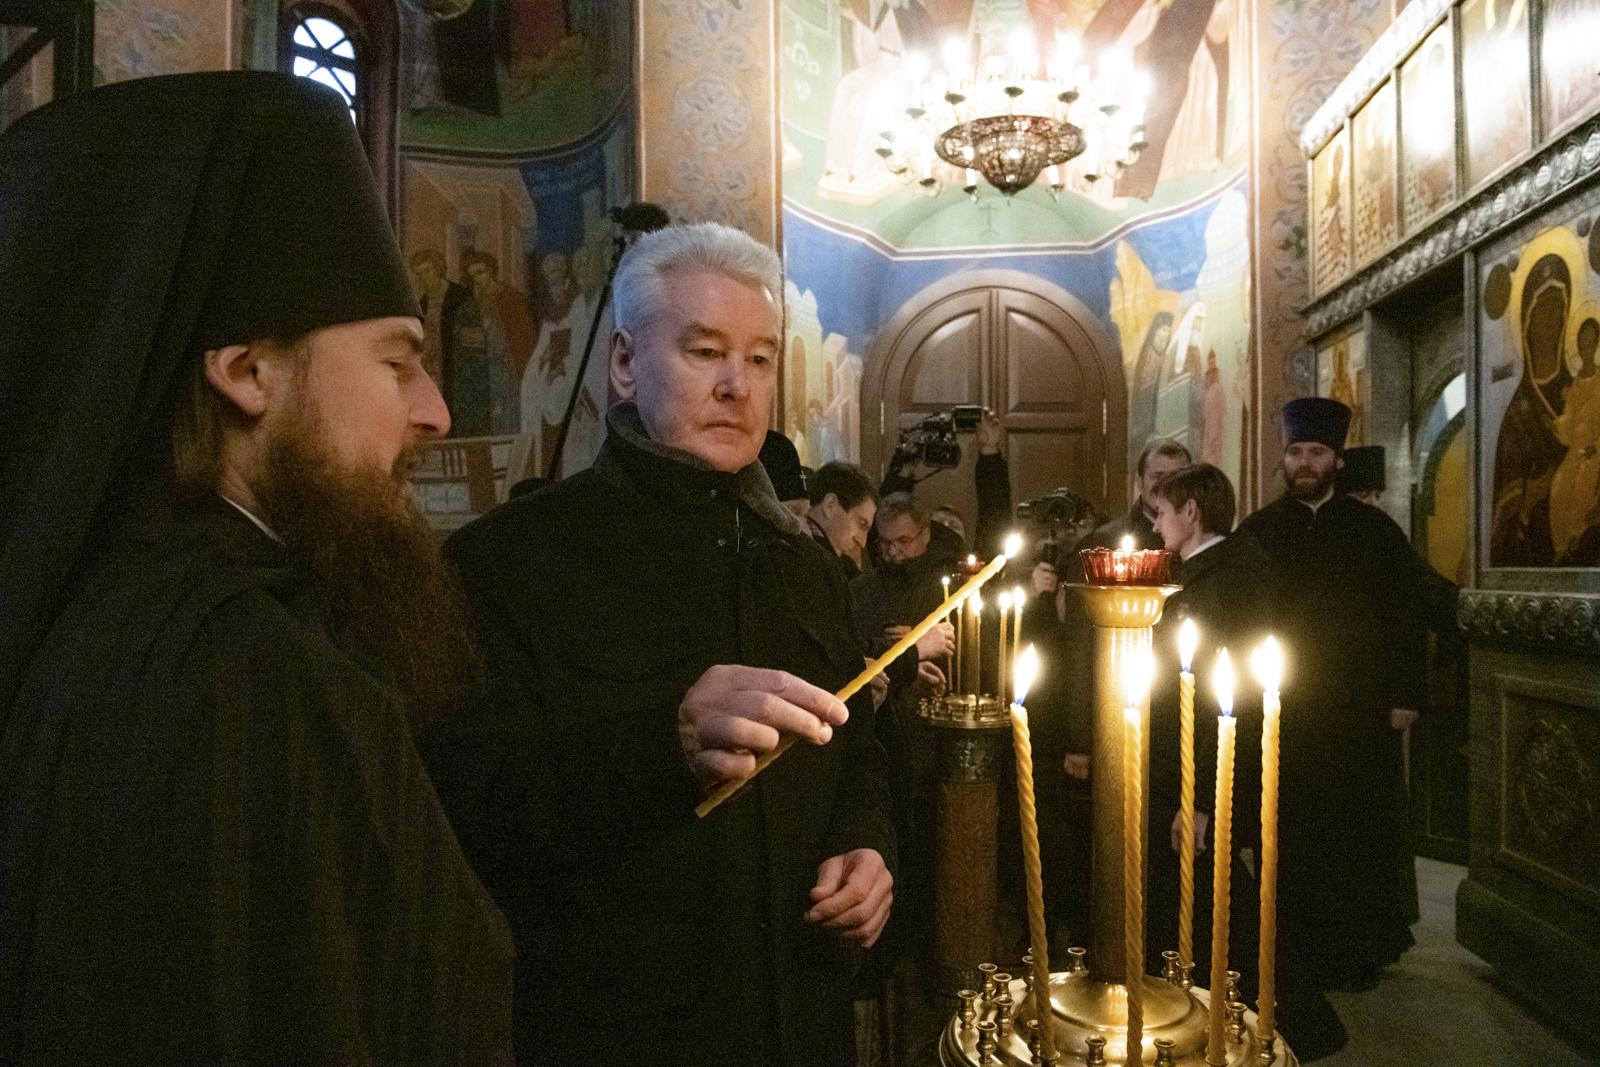 Фото: пресс-служба мэра и правительства Москвы